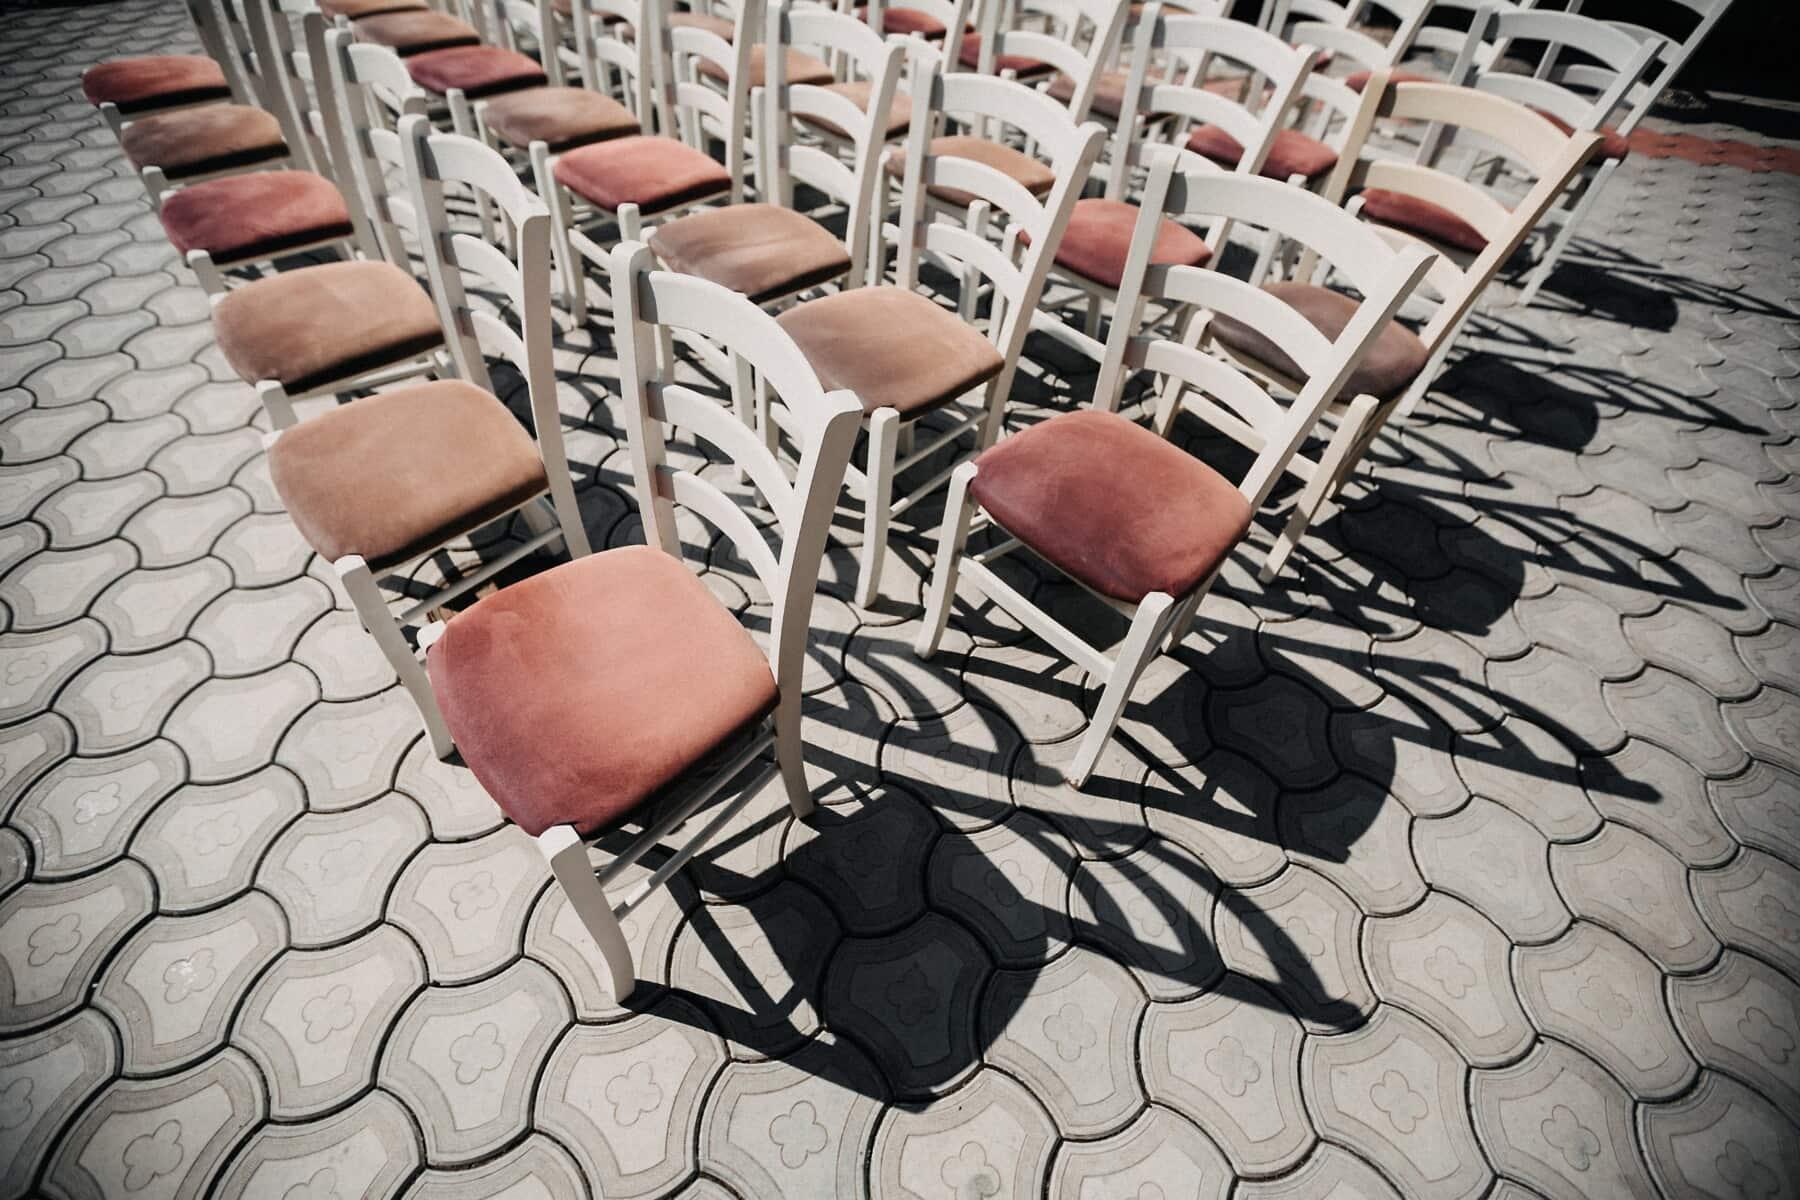 weiß, Jahrgang, Stühle, aus Holz, Möbel, Pflaster, Beton, Schatten, Sitz, Stuhl